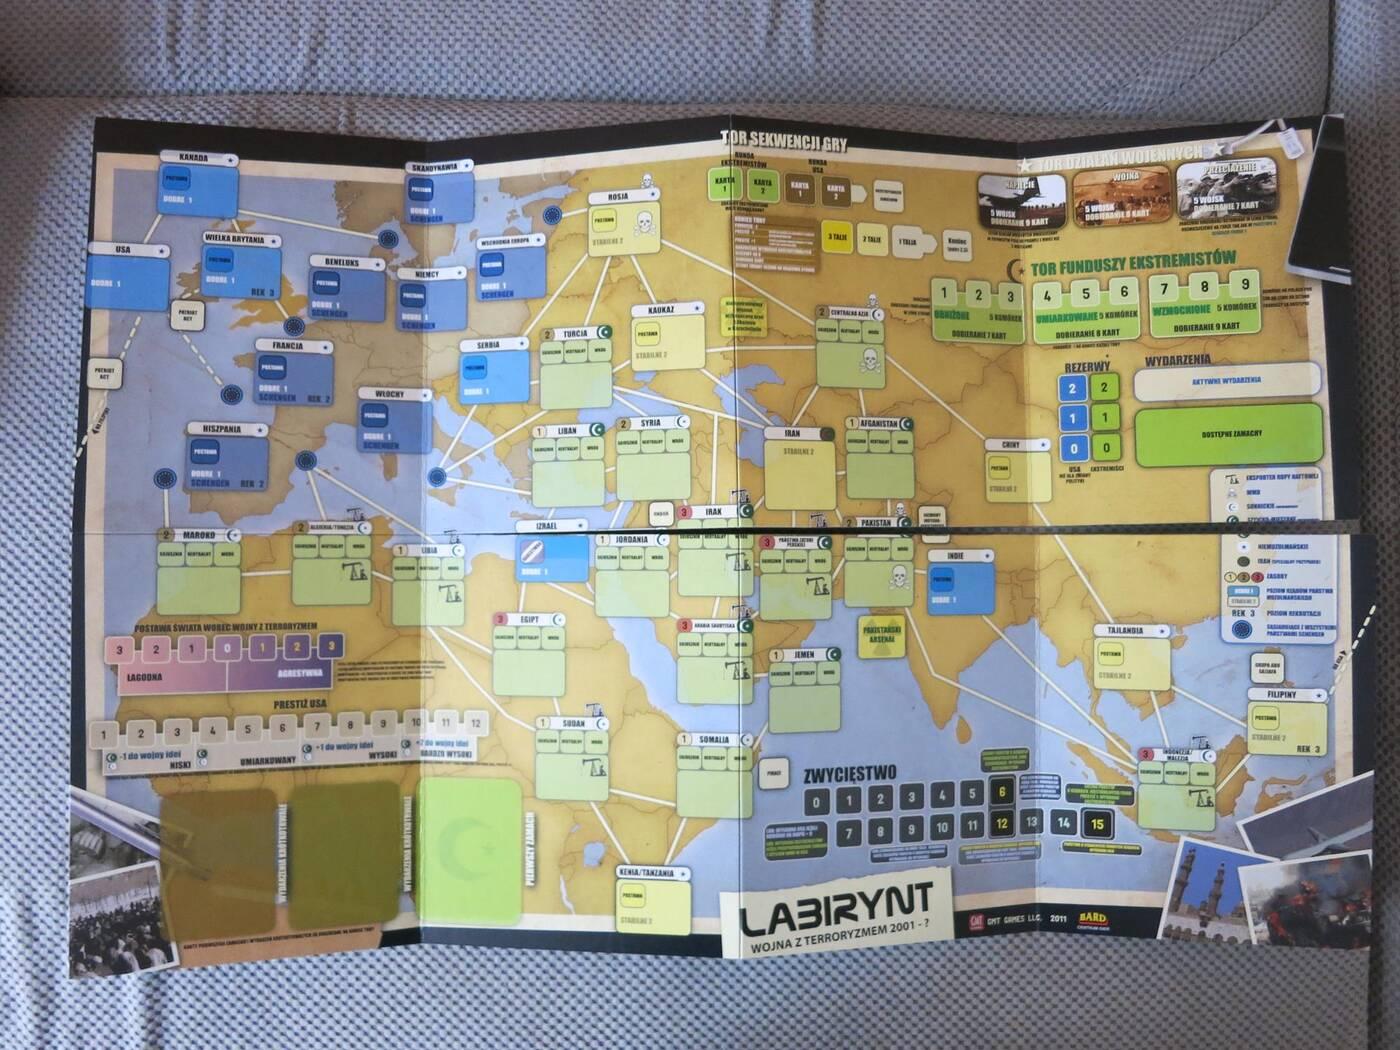 Labirynt mapa